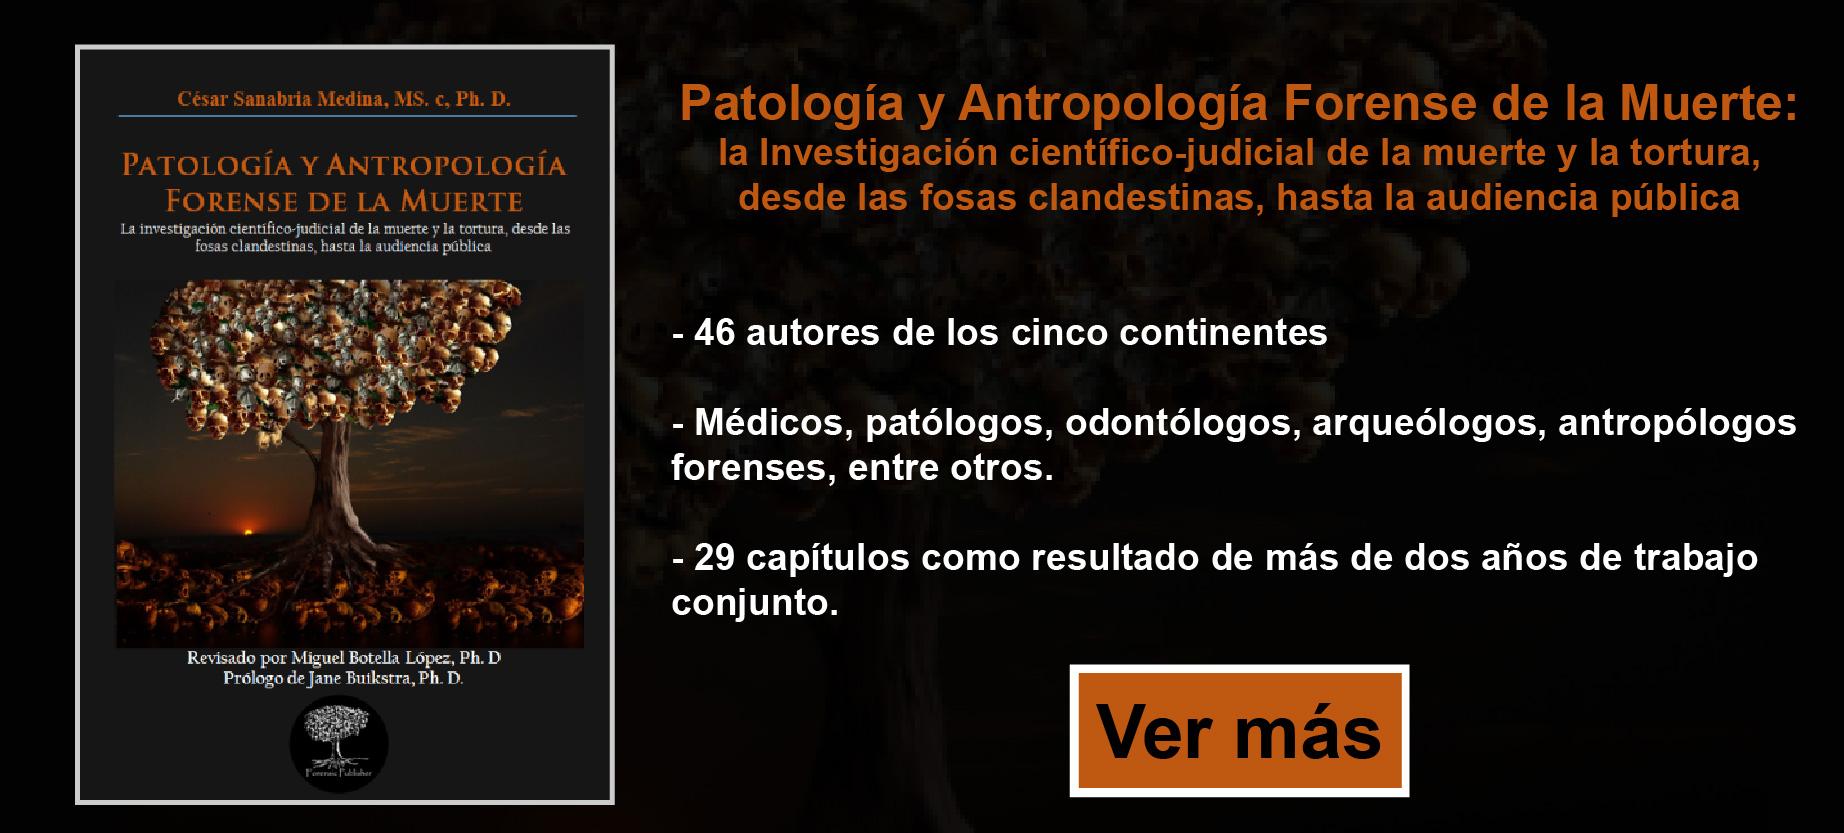 Patología y Antropología Forense